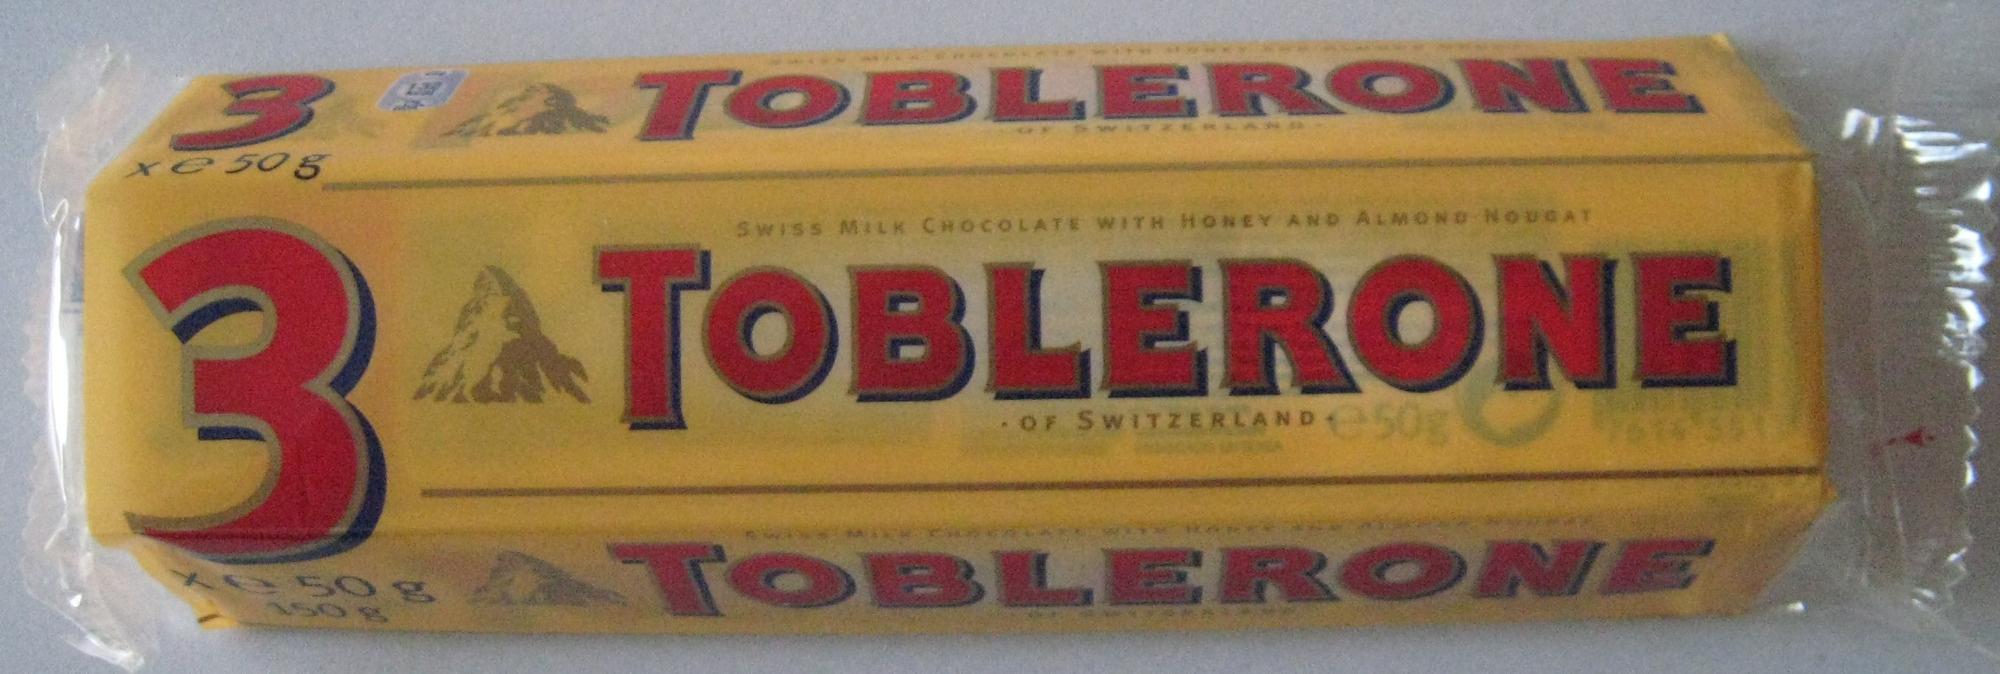 Toblerone (lot de 3 x 50 g) - Product